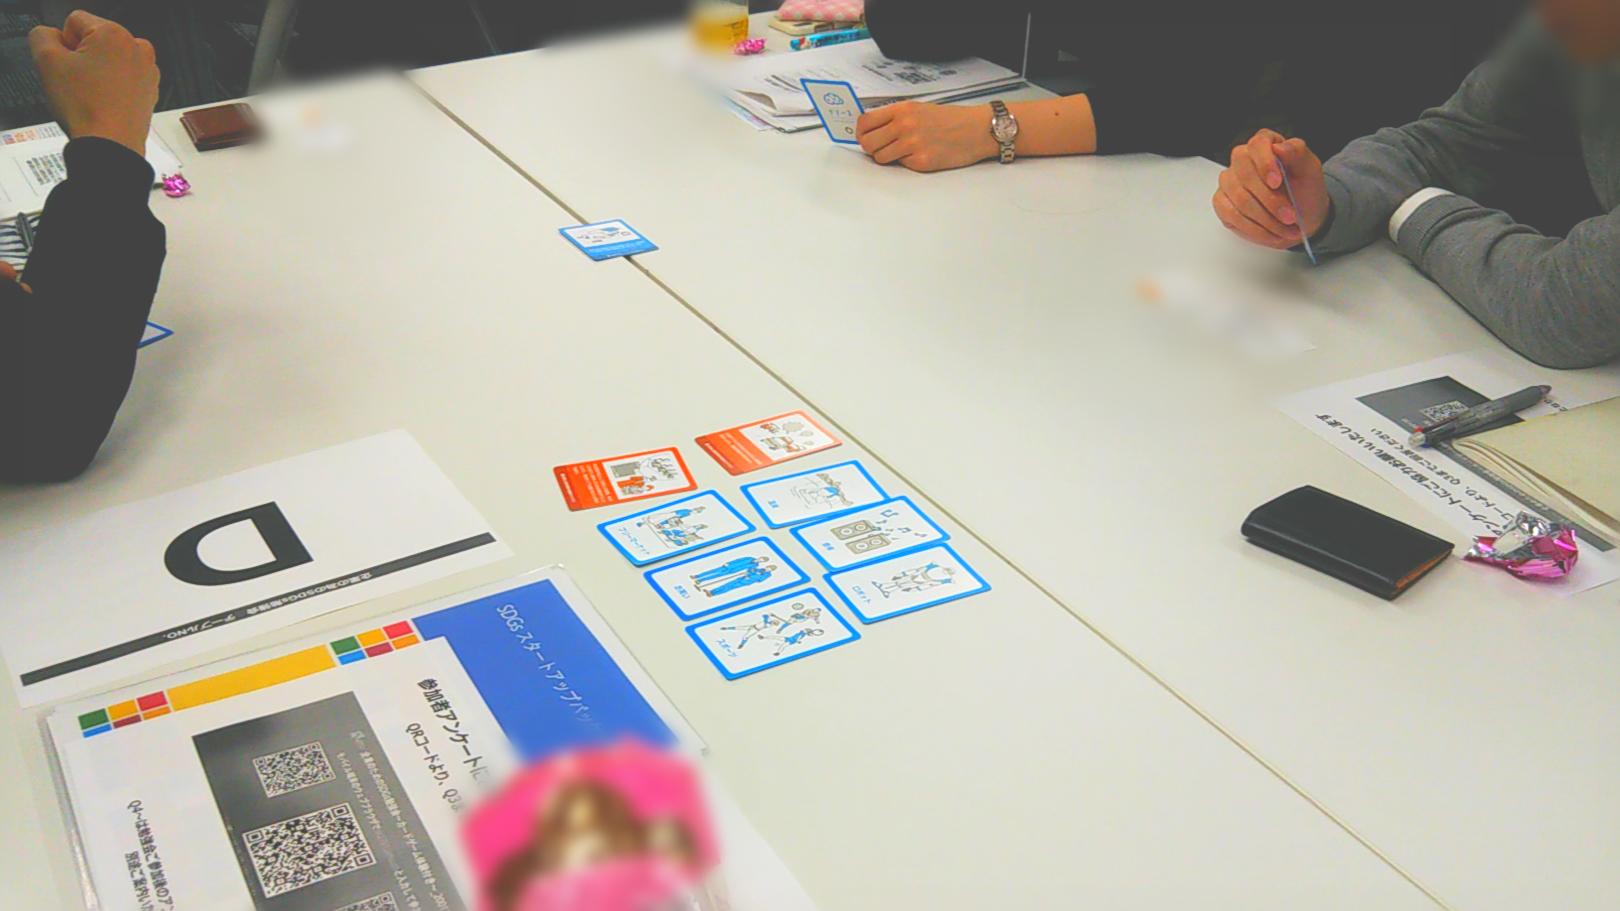 SDGsが感覚的にわかるカードゲーム体験付き!「SDGs勉強会」開催レポート - SDGsが感覚的にわかるカードゲーム体験付き!「SDGs勉強会」開催レポート